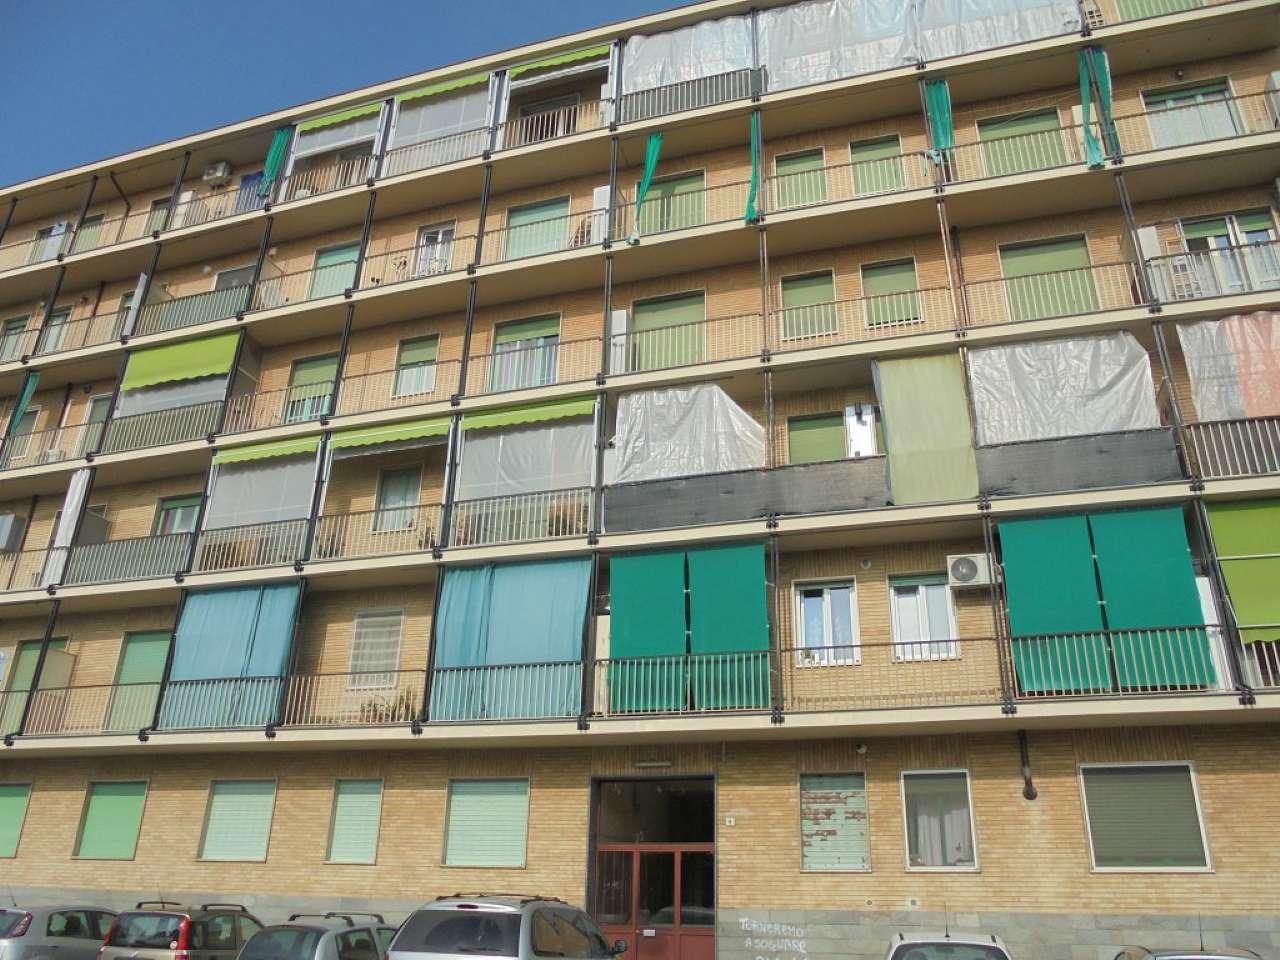 Appartamento in vendita a Nichelino, 2 locali, prezzo € 85.000   CambioCasa.it